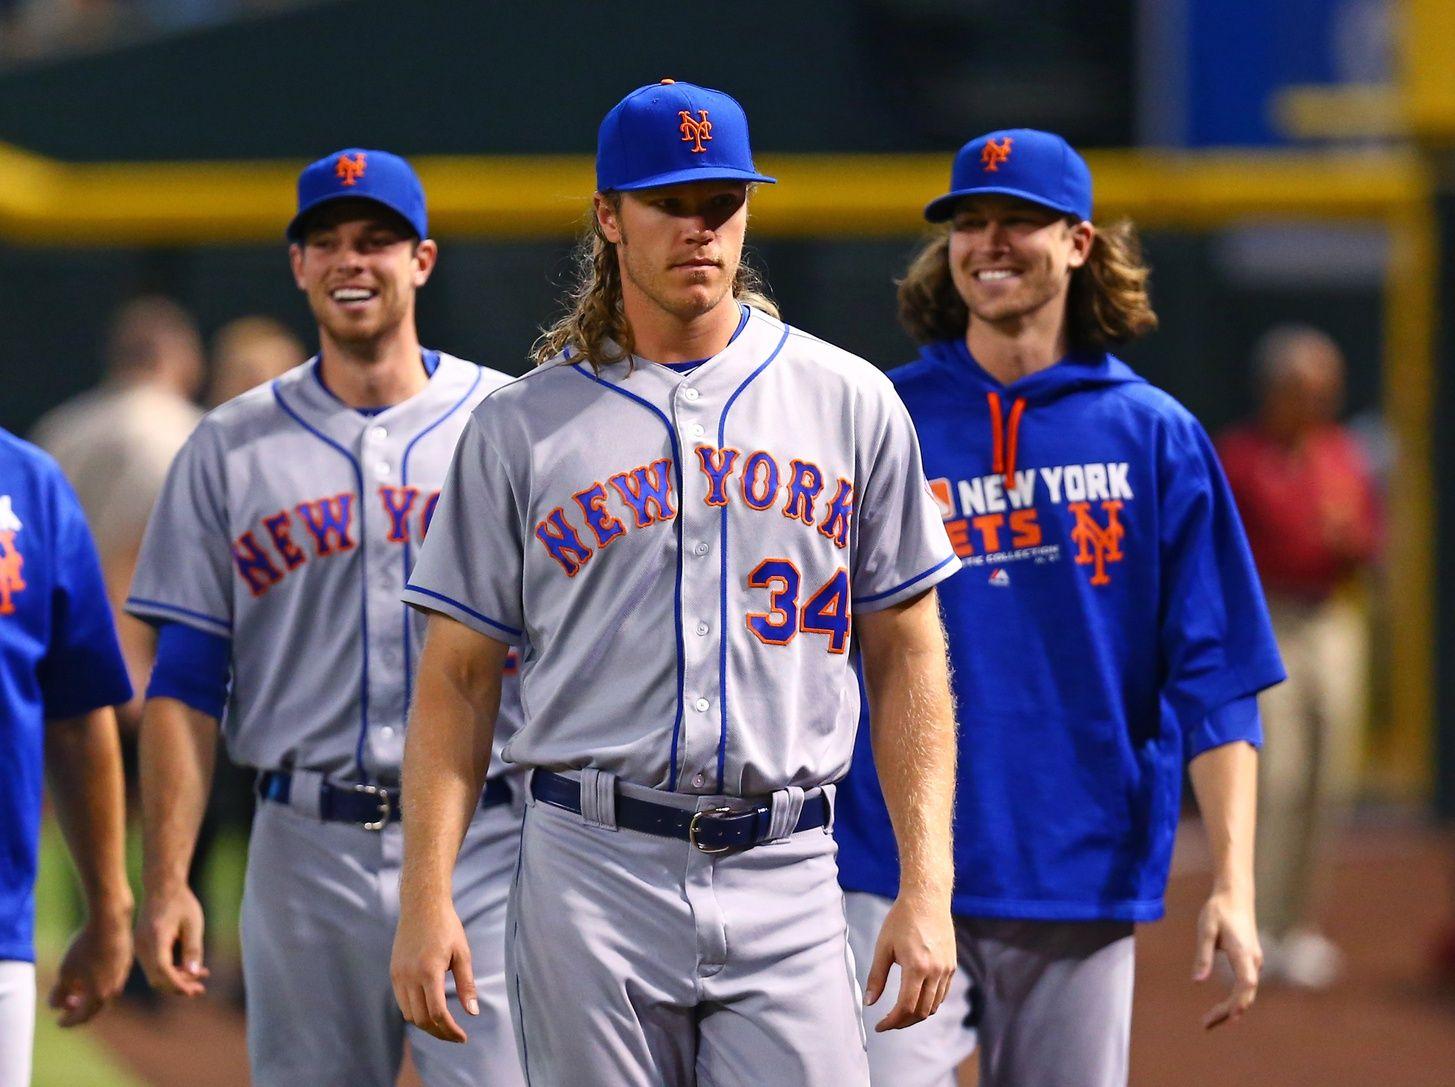 New York Mets Depth Chart 2020 In 2020 New York Mets Mets Depth Chart